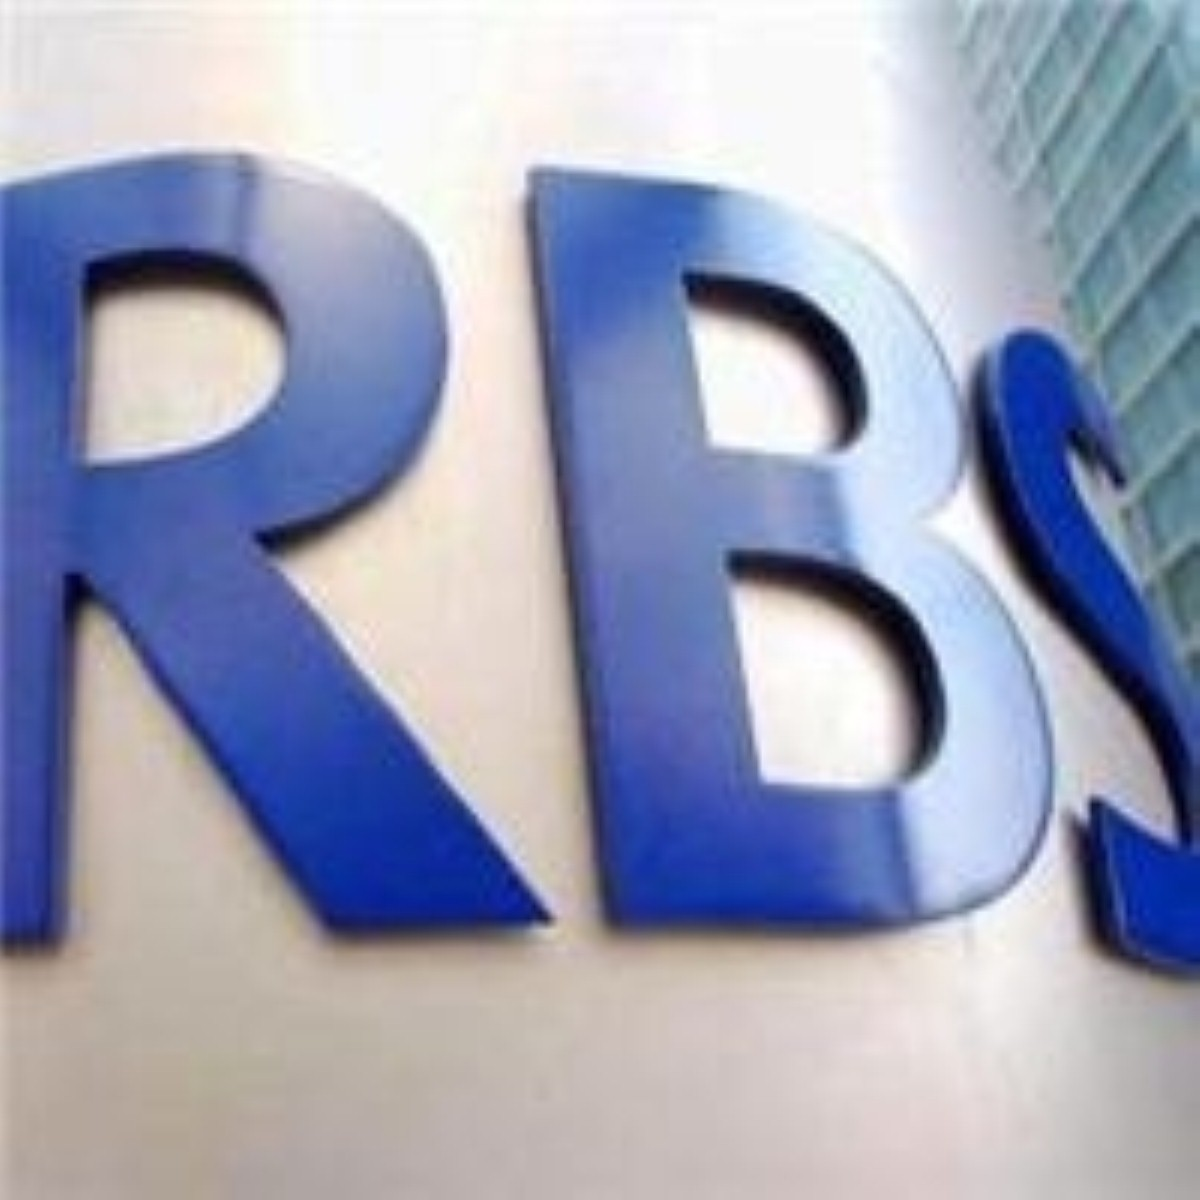 Govt nationalises RBS